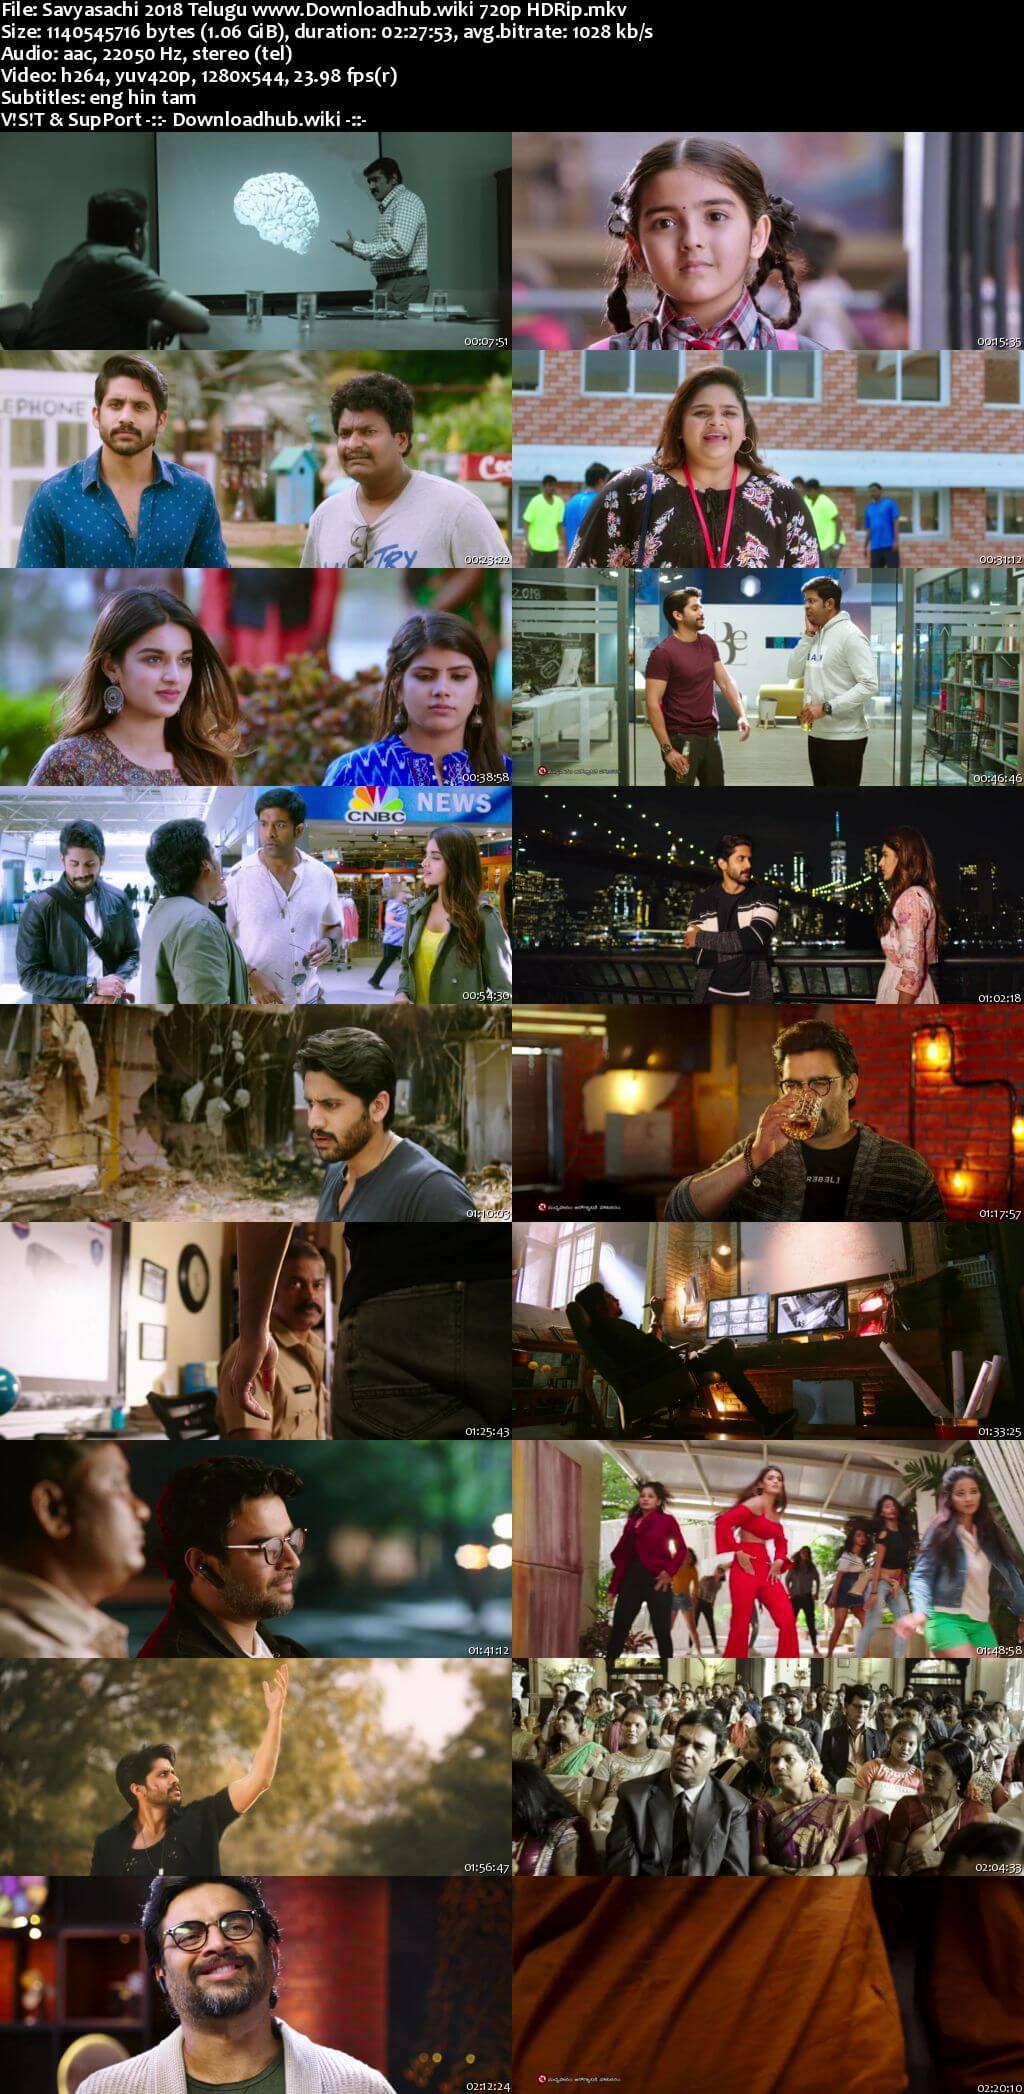 Savyasachi 2018 Telugu 720p HDRip MSubs